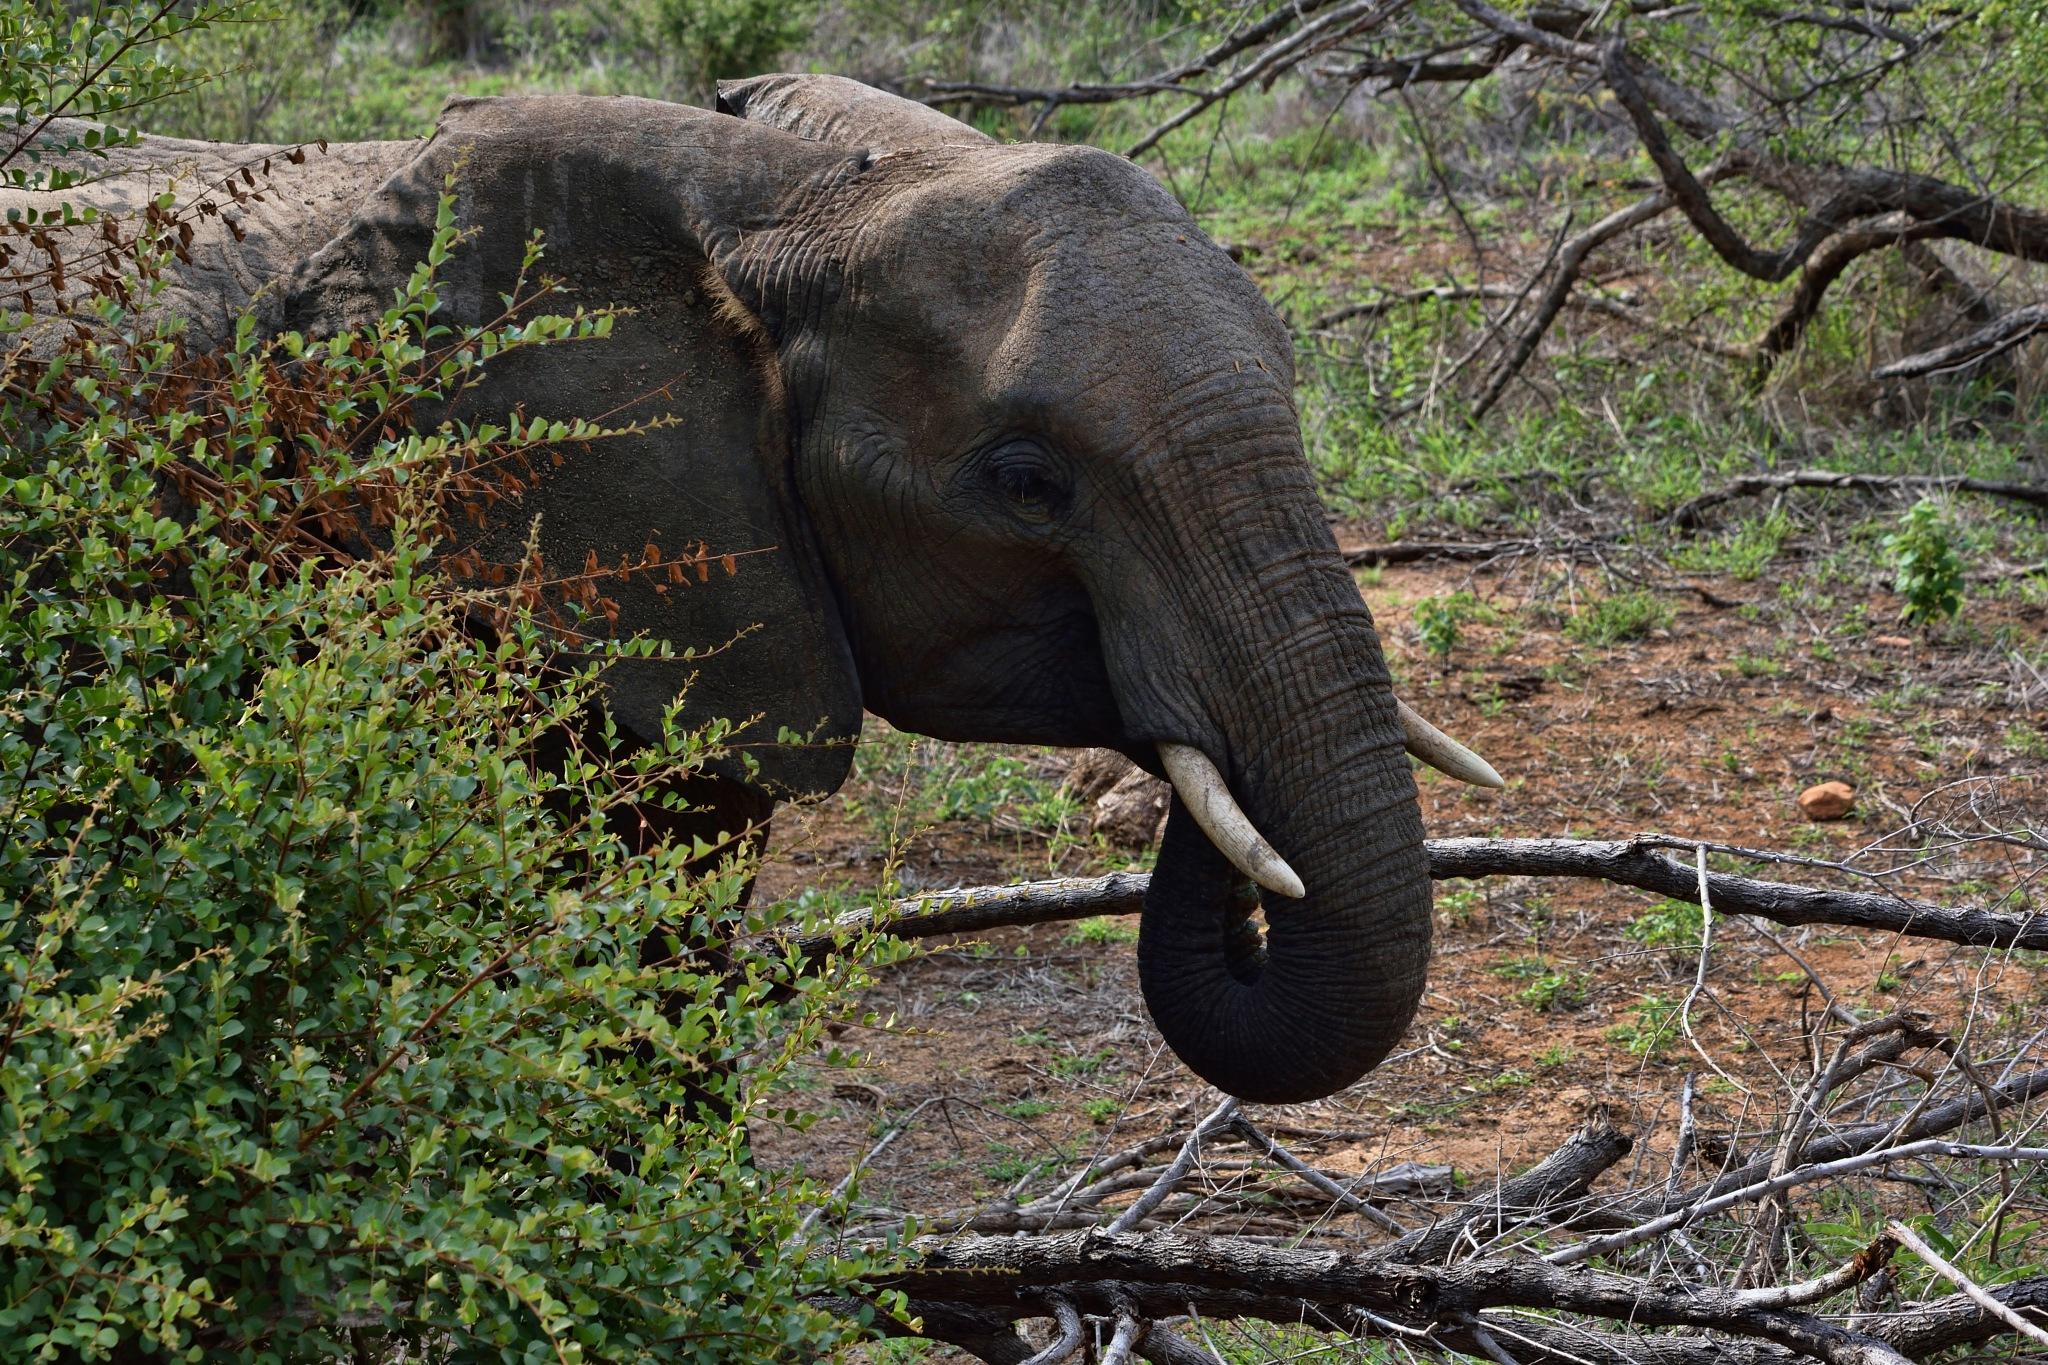 South Africa - Kruger Park (203) African Elephant by Derek Clarke